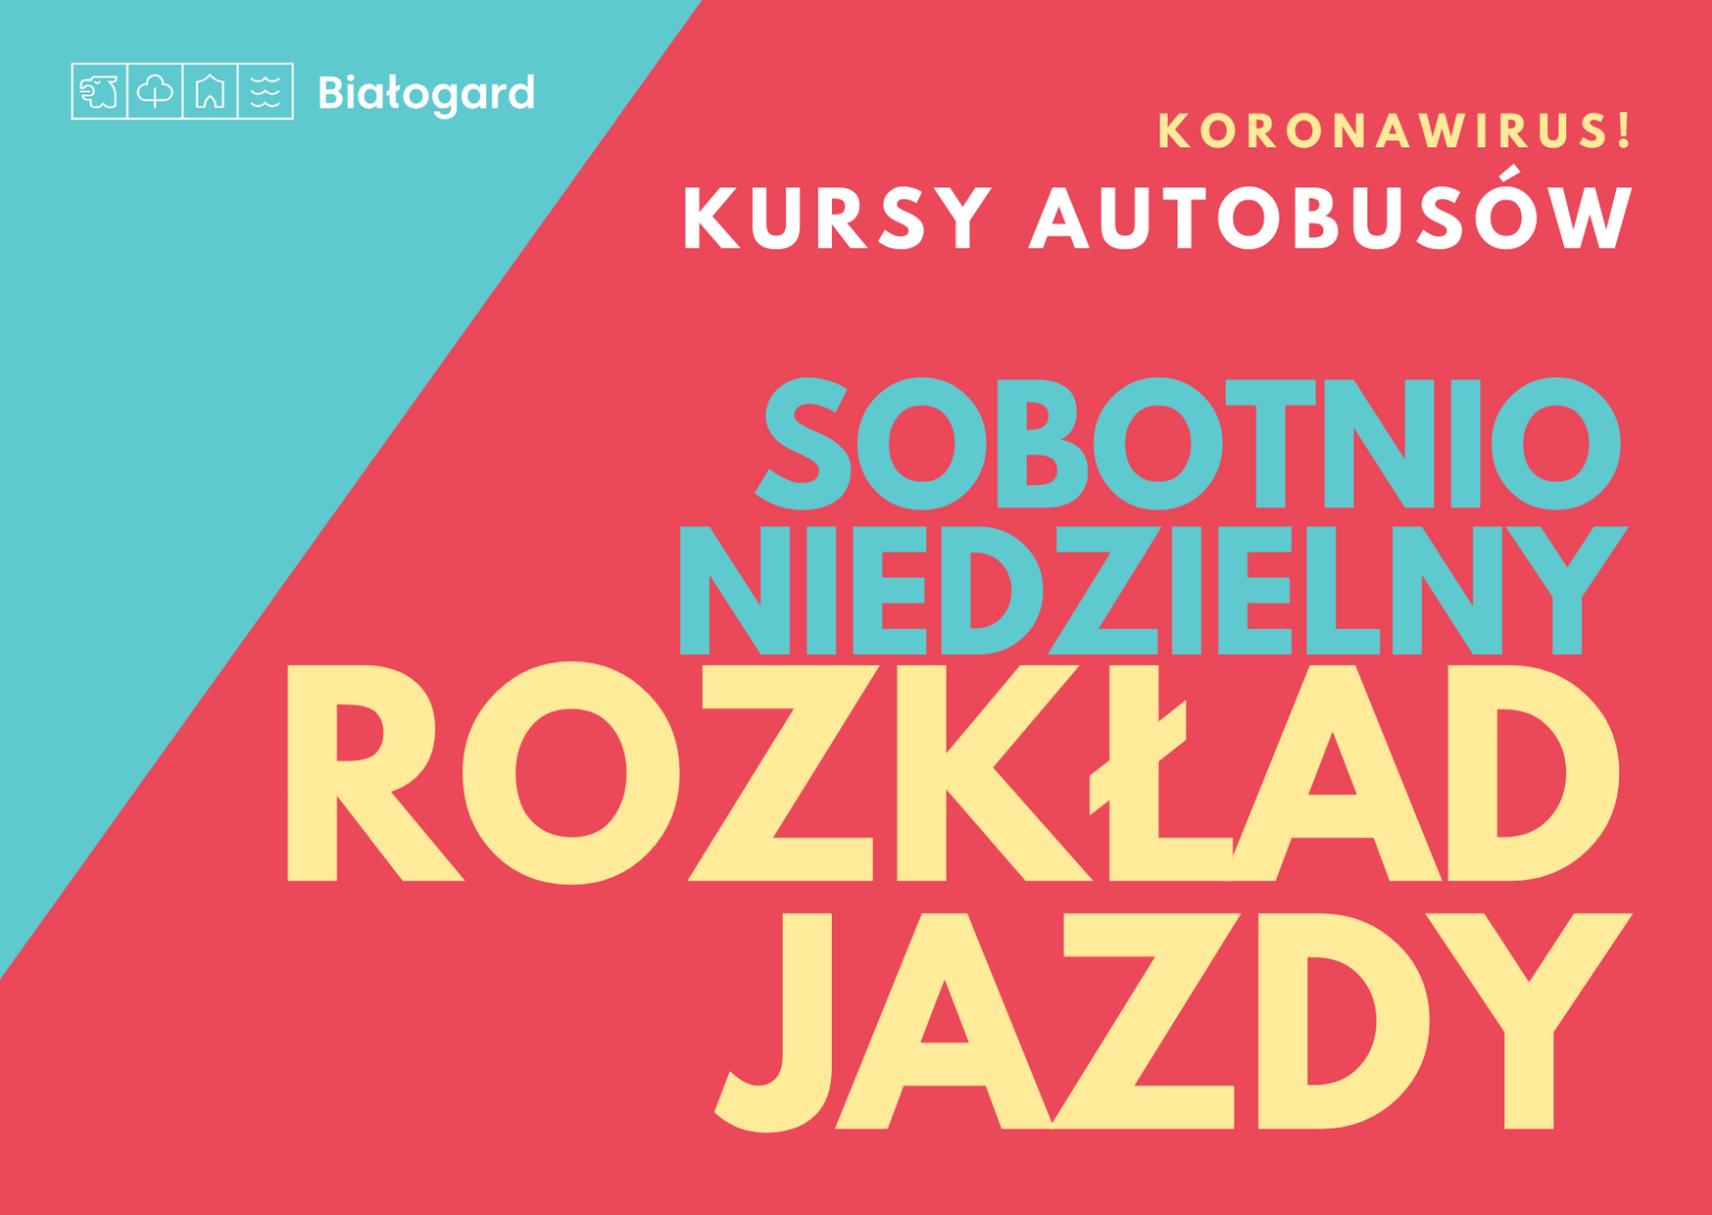 ZKM. Sobotnio-niedzielny rozkład jazdy, Miasto Białogard